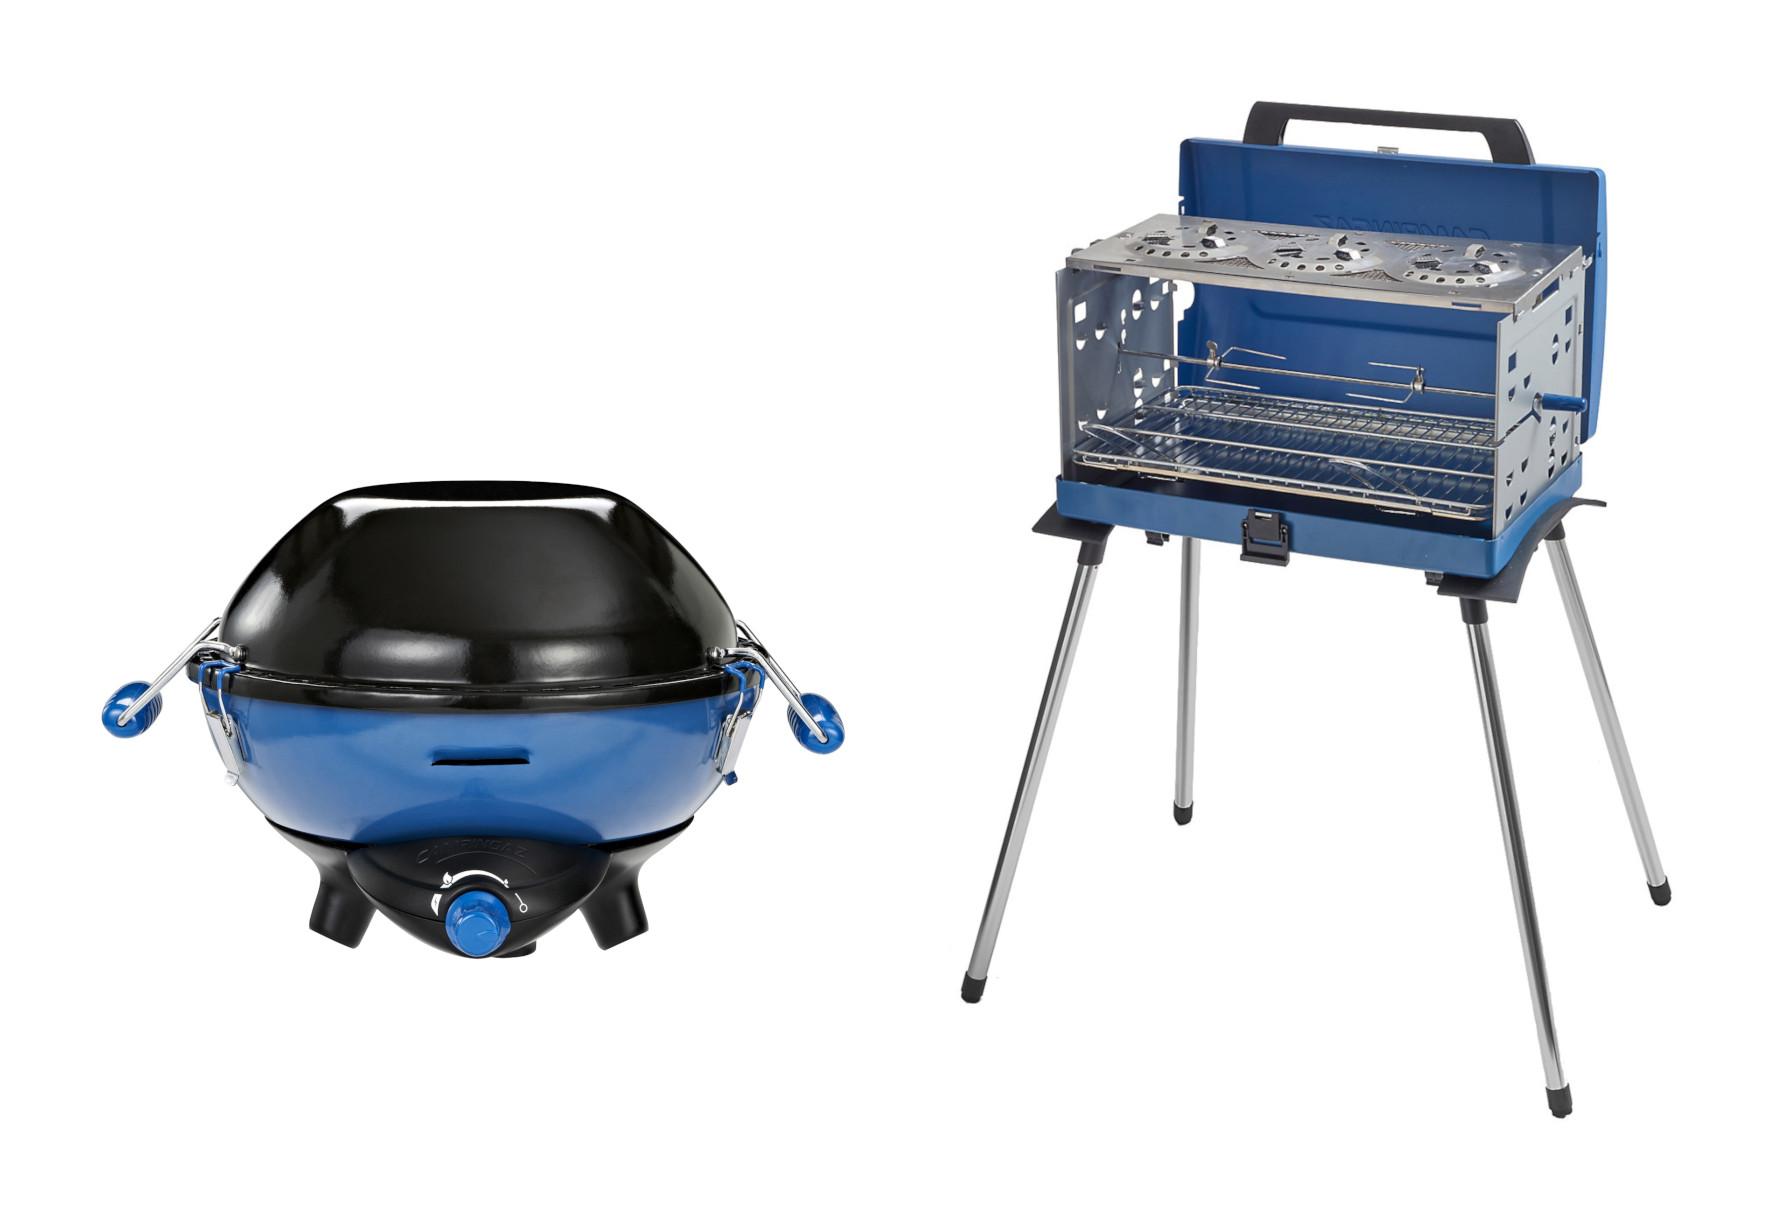 Campingaz grills à gaz compacts et puissants